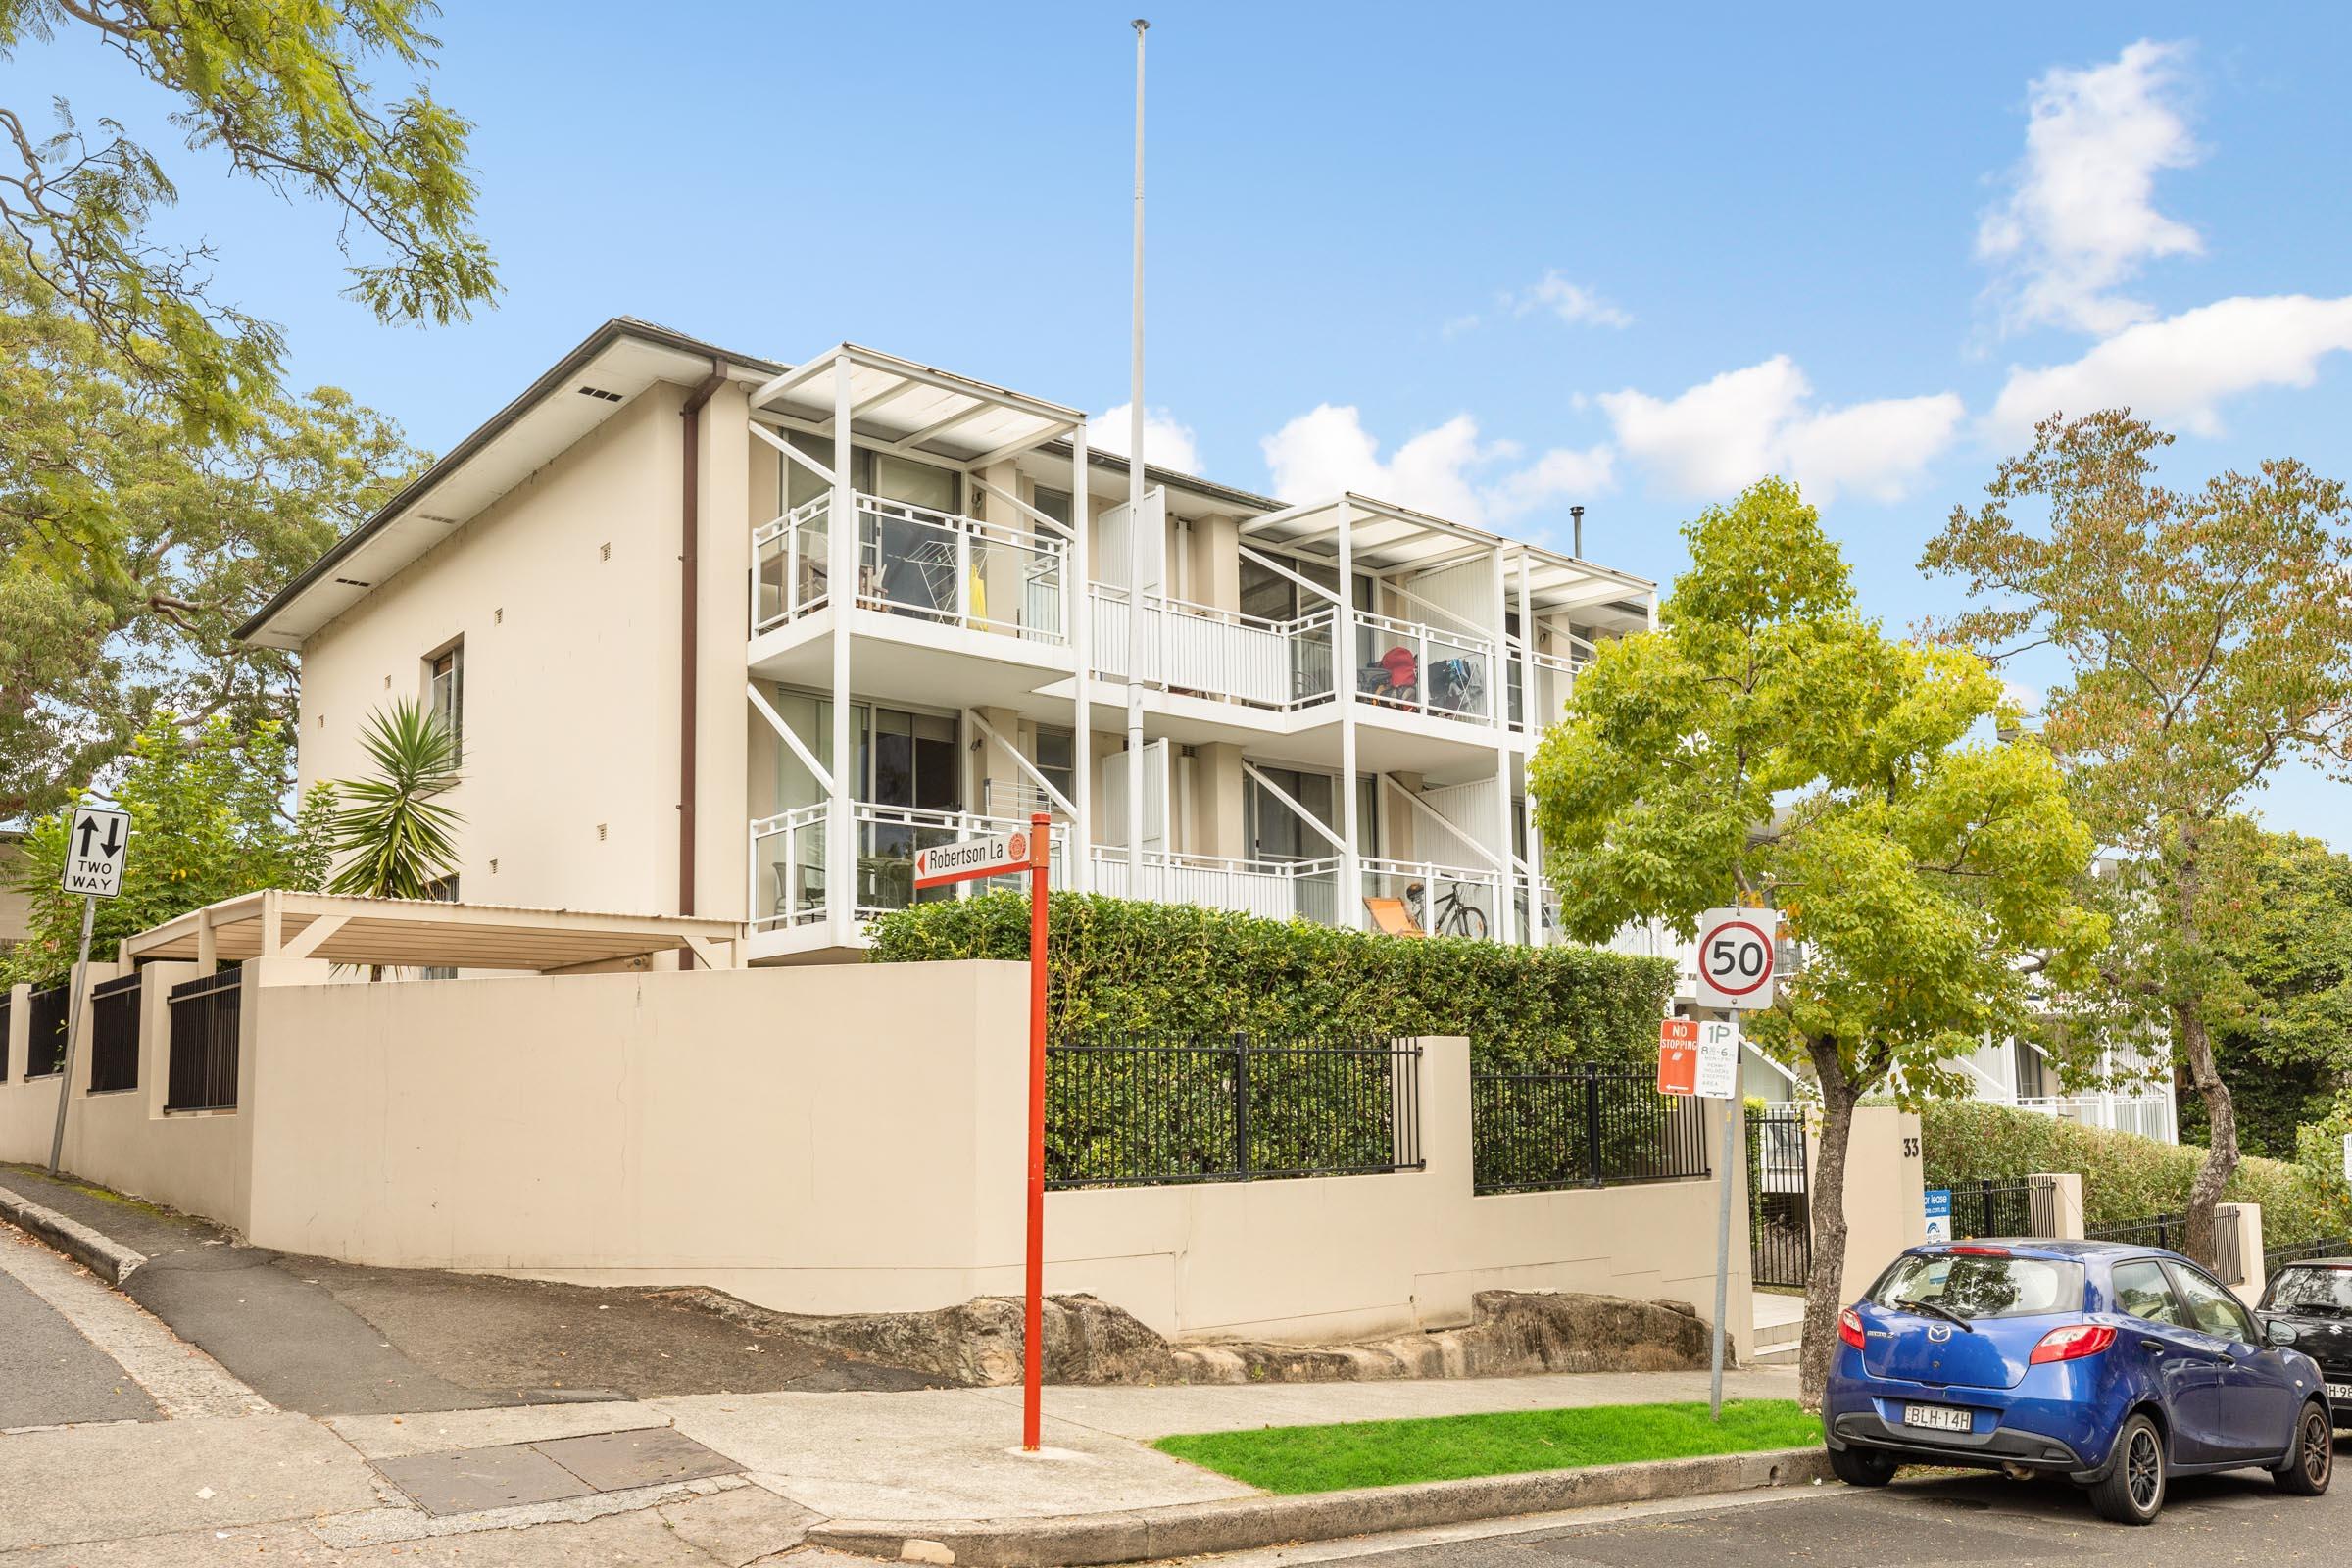 22/33 Fitzroy Street, Kirribilli, NSW 2061